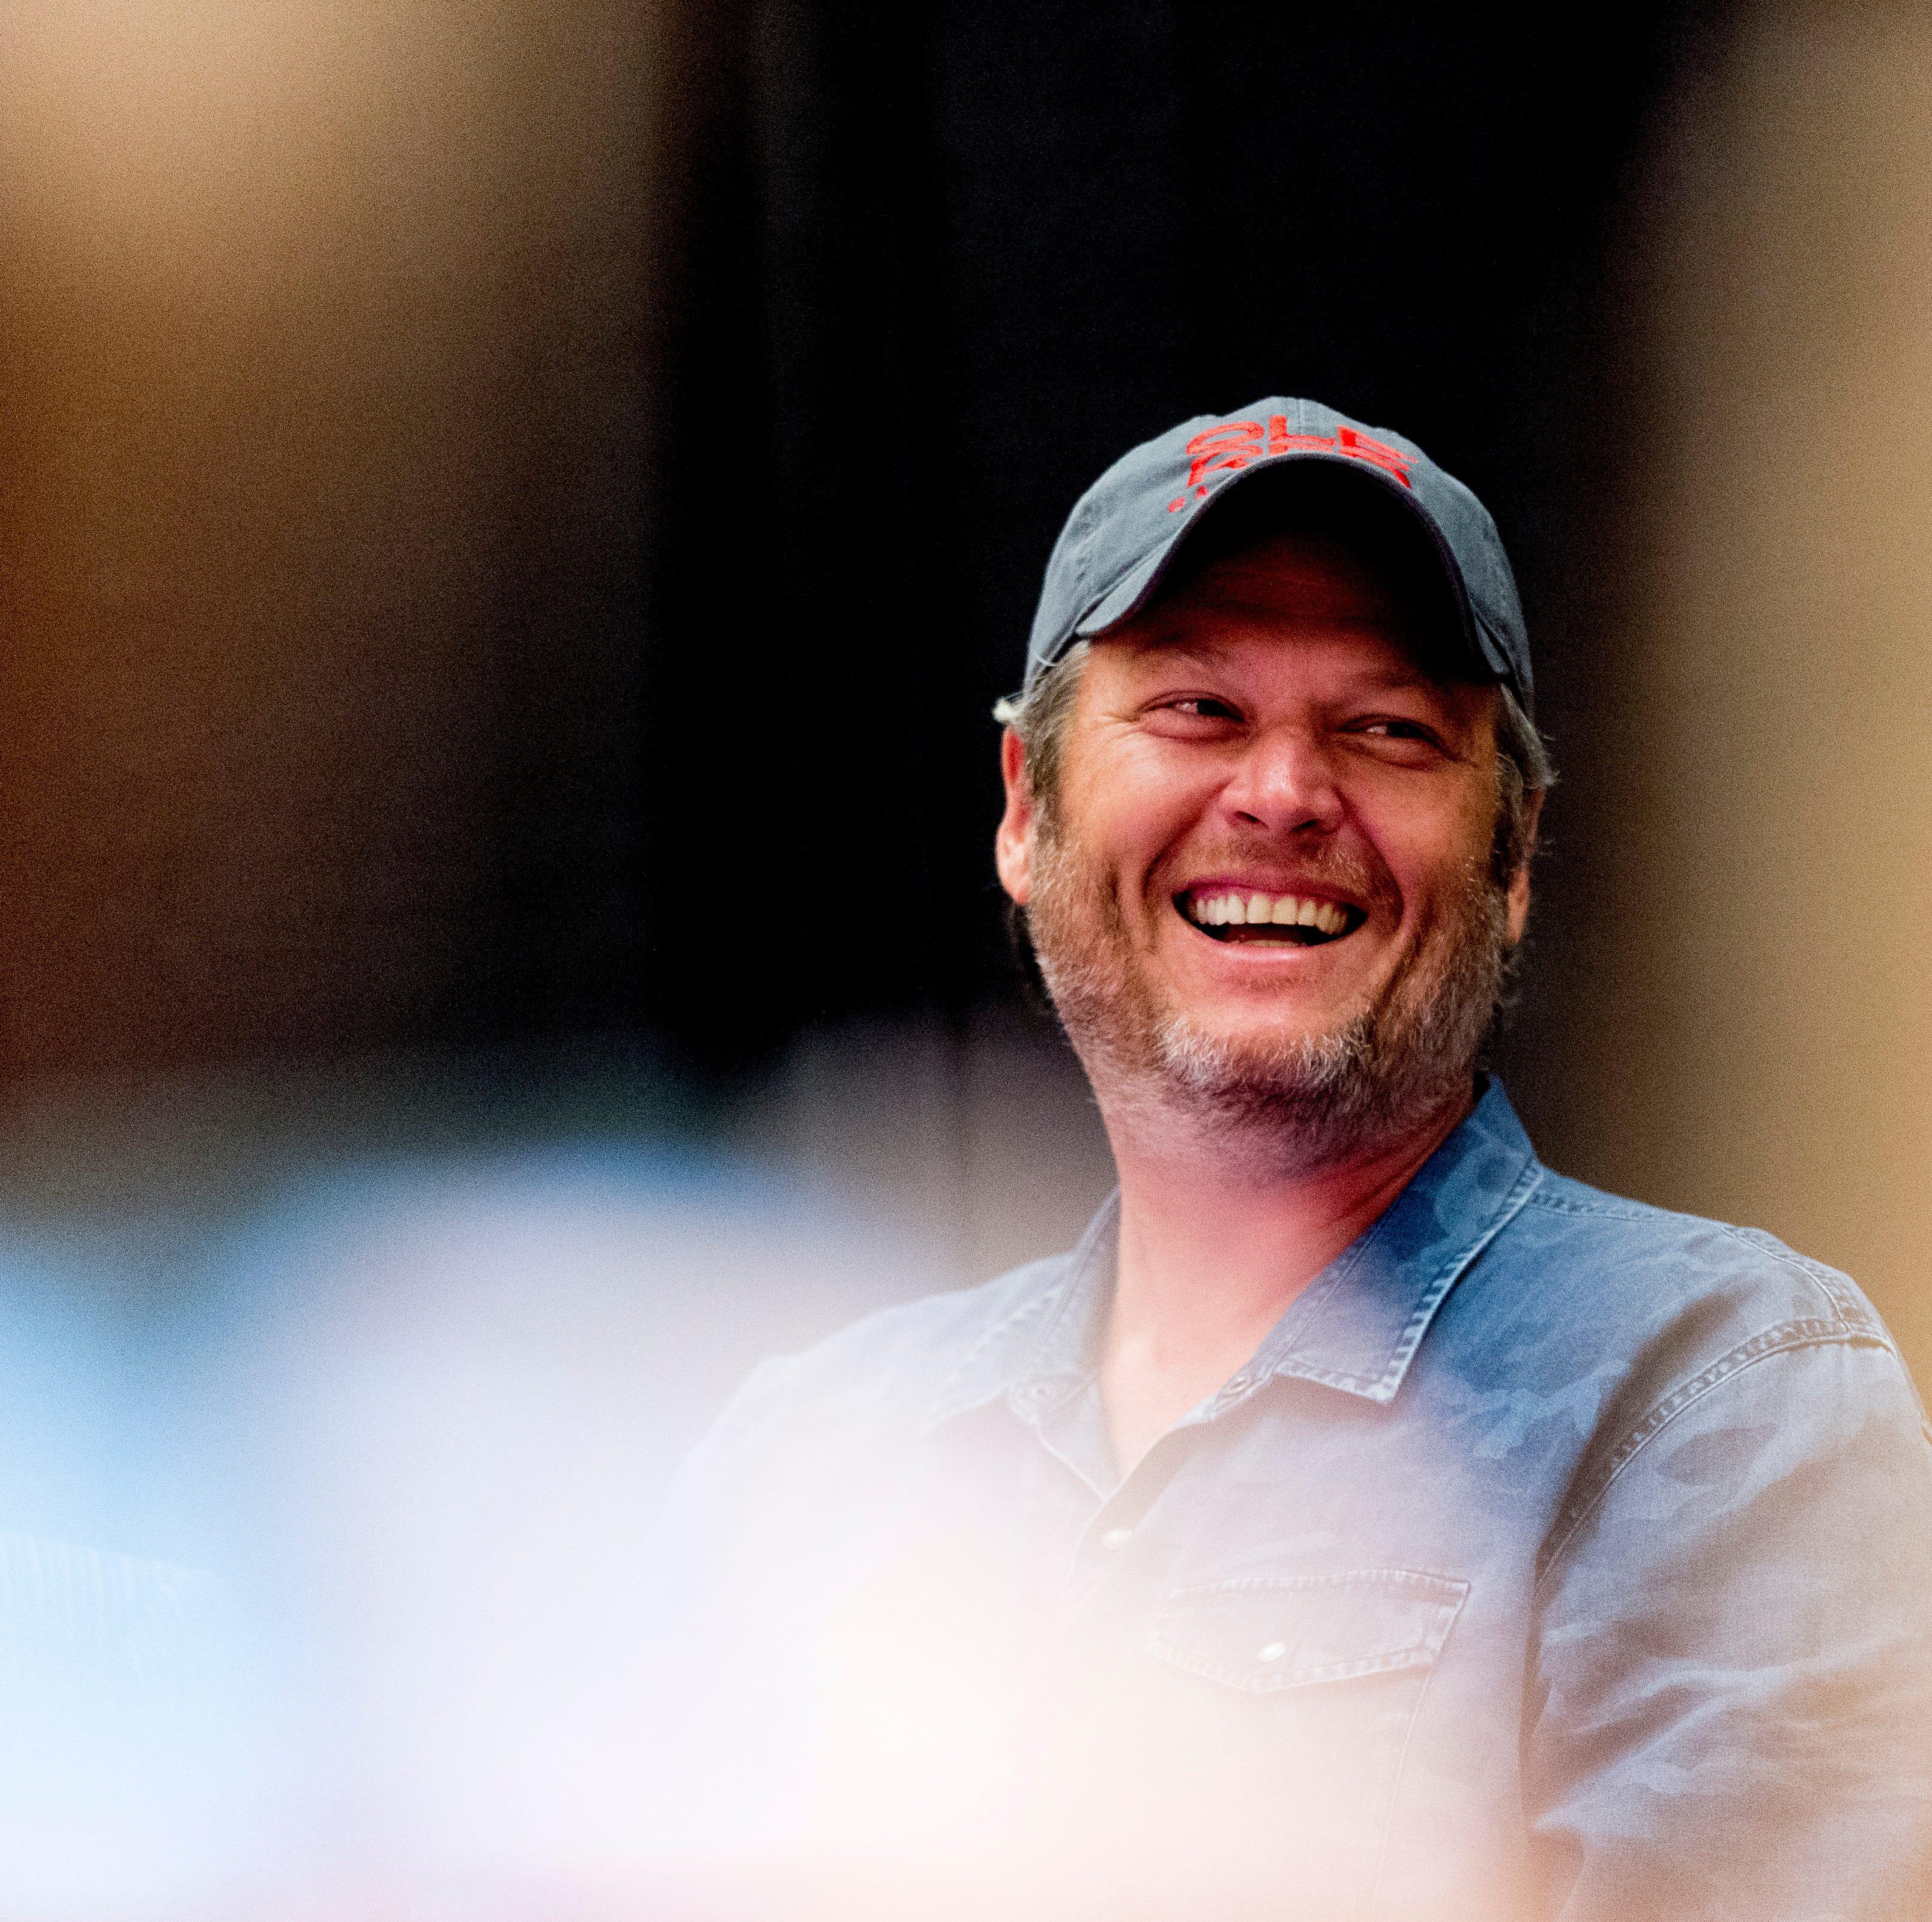 Country singer Blake Shelton laughs during an...